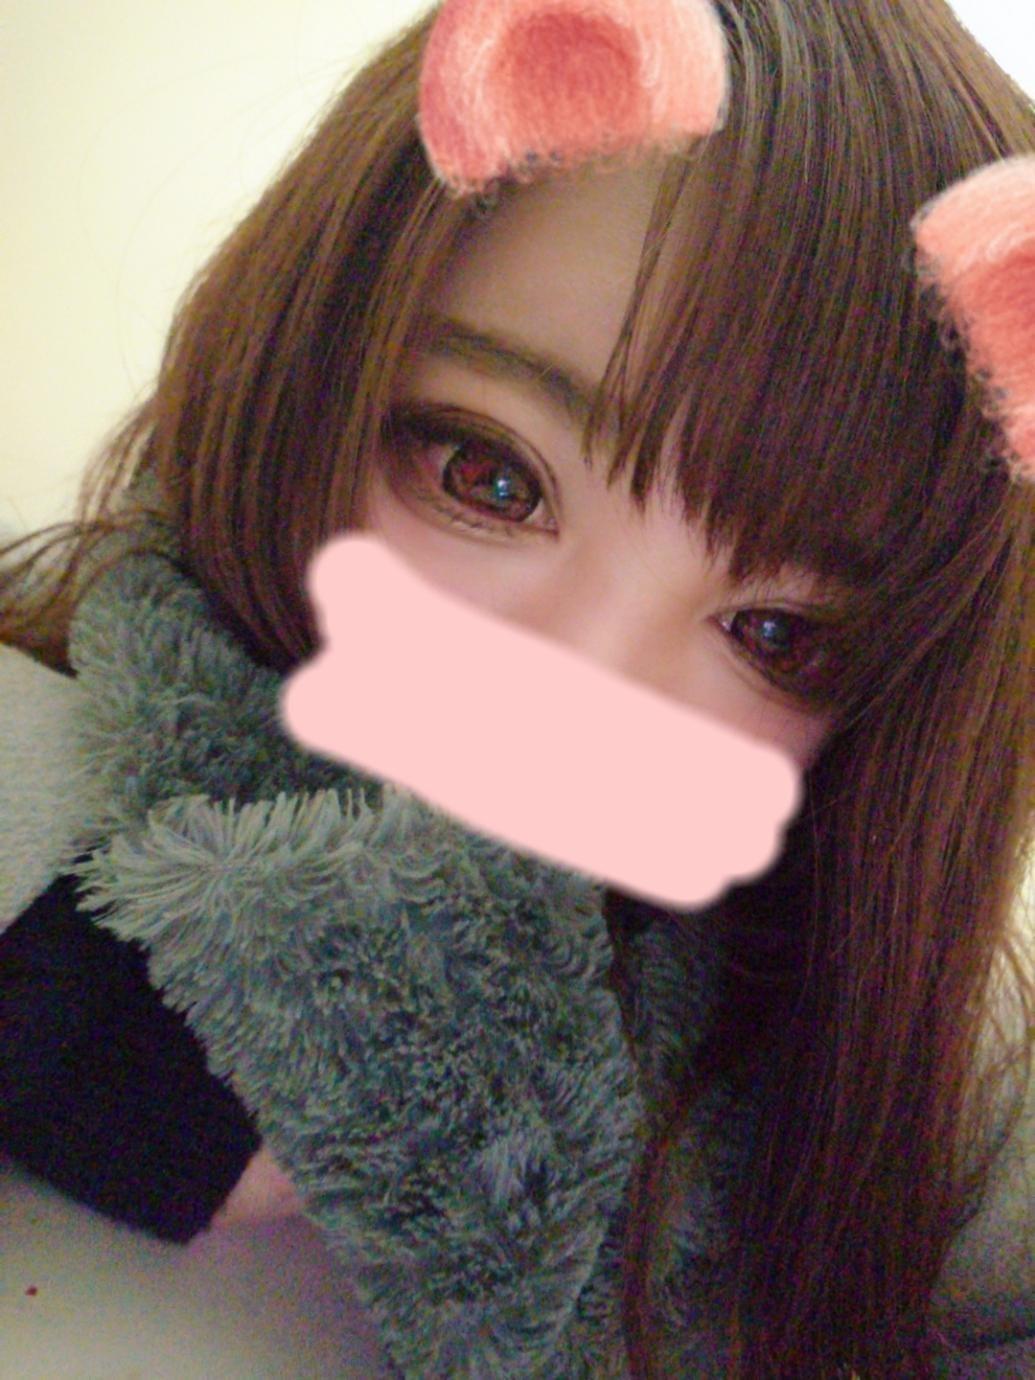 「╰(*´︶`*)╯」01/16(01/16) 20:30 | みりやの写メ・風俗動画